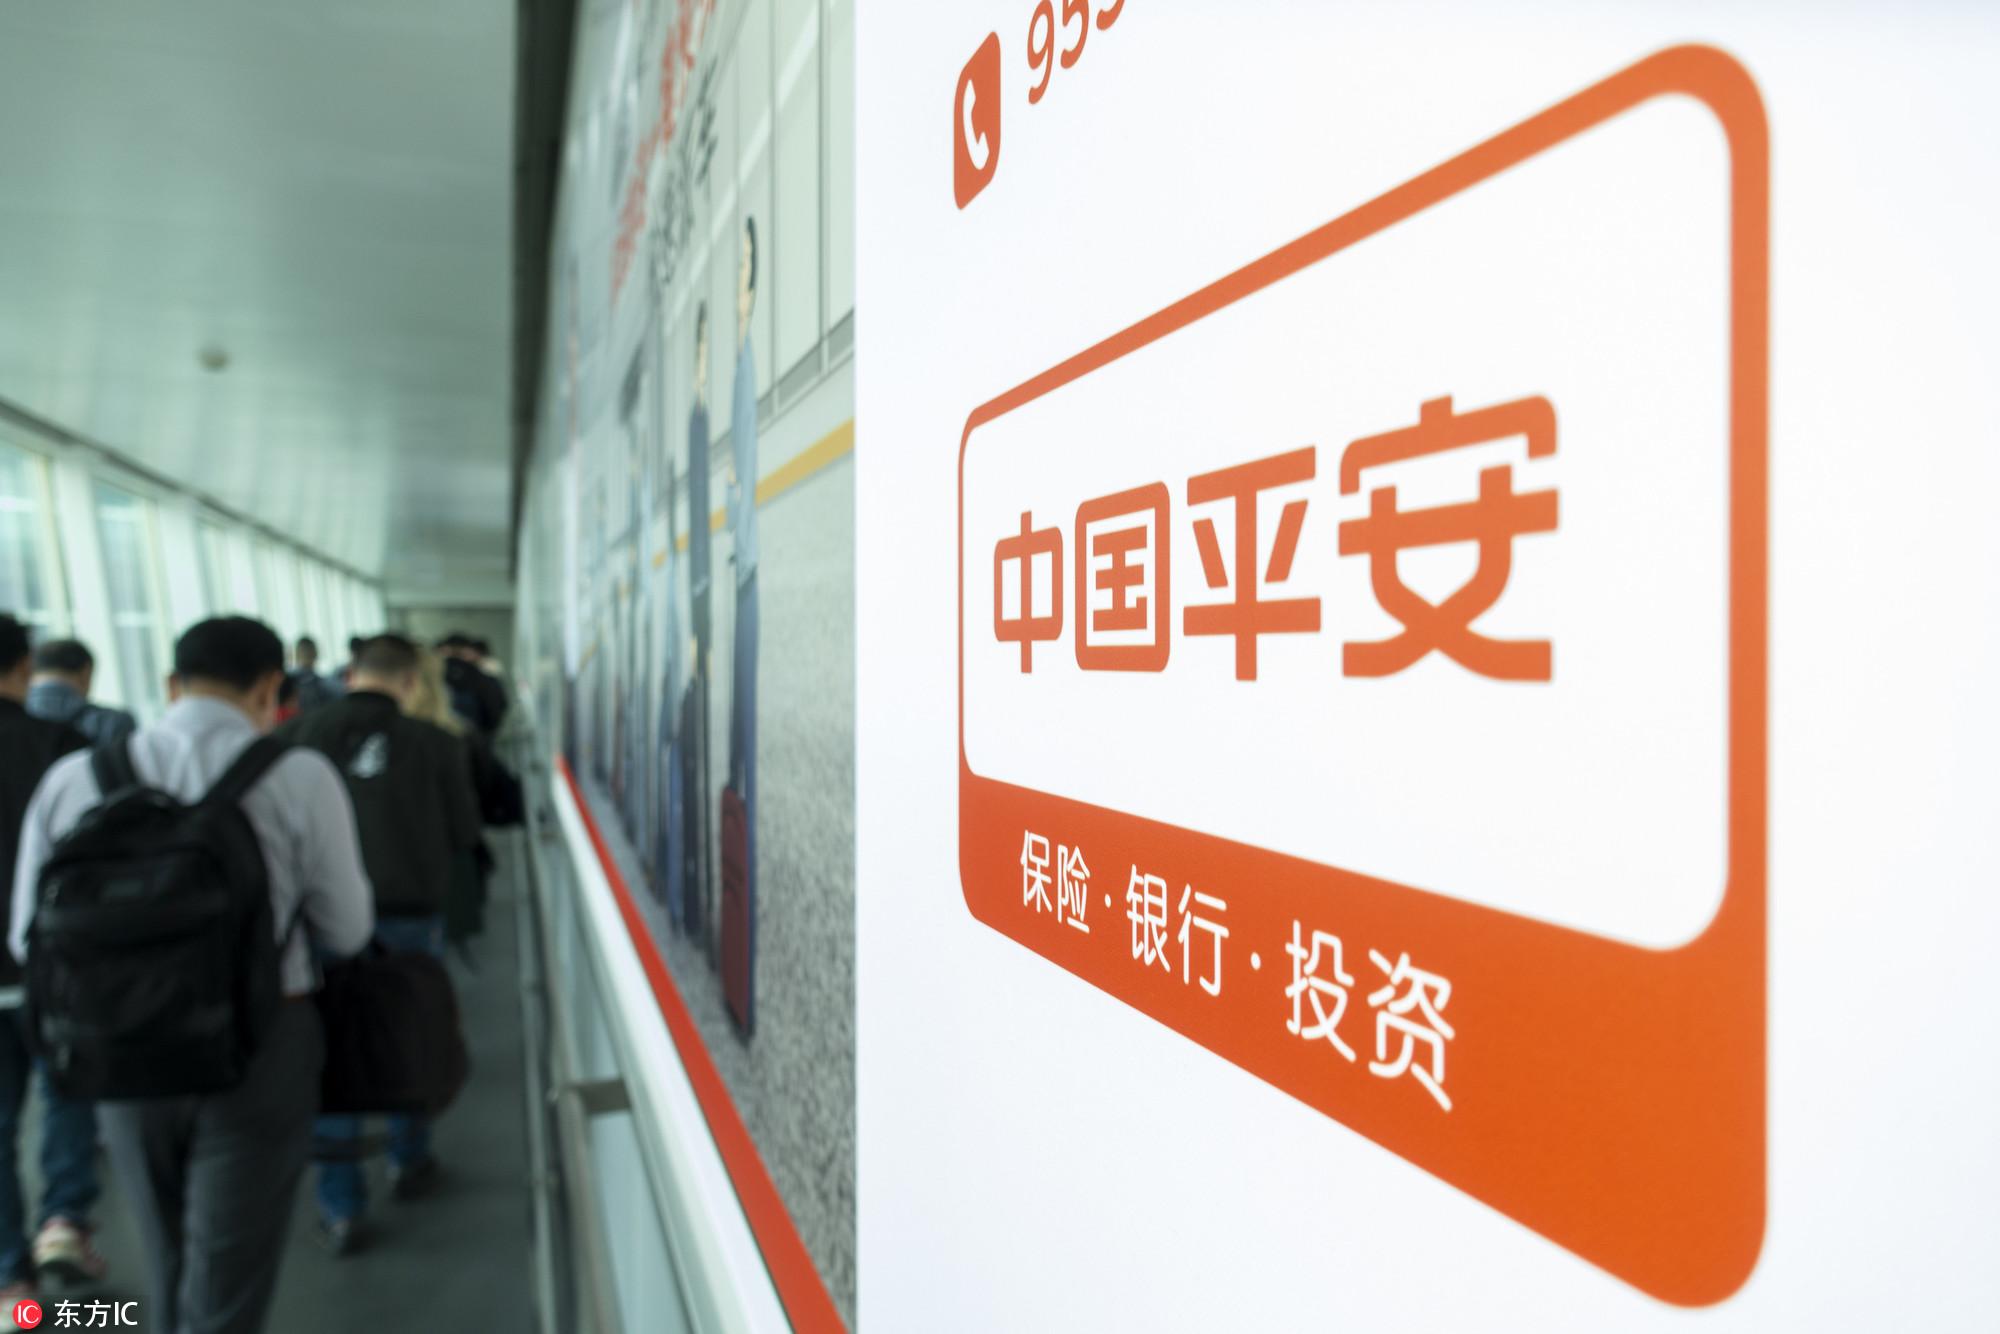 【业绩速递】中国平安(02318.HK):营收纯利双位数增长,首次实施回购计划!